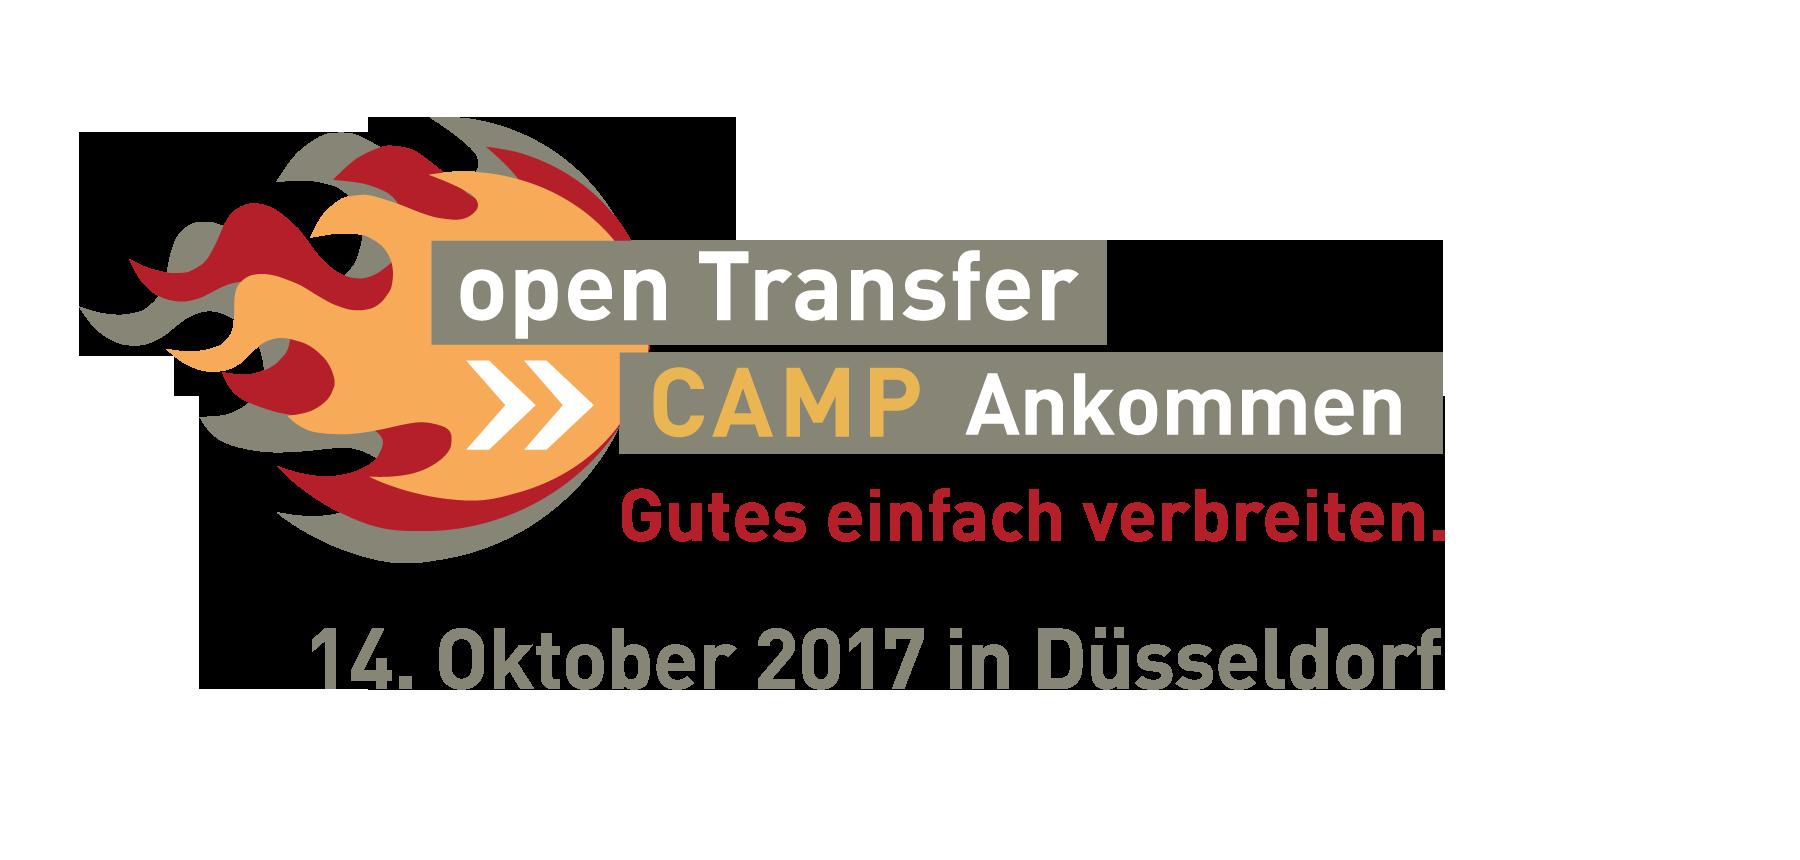 Jetzt Anmelden zum openTransfer CAMP #Ankommen